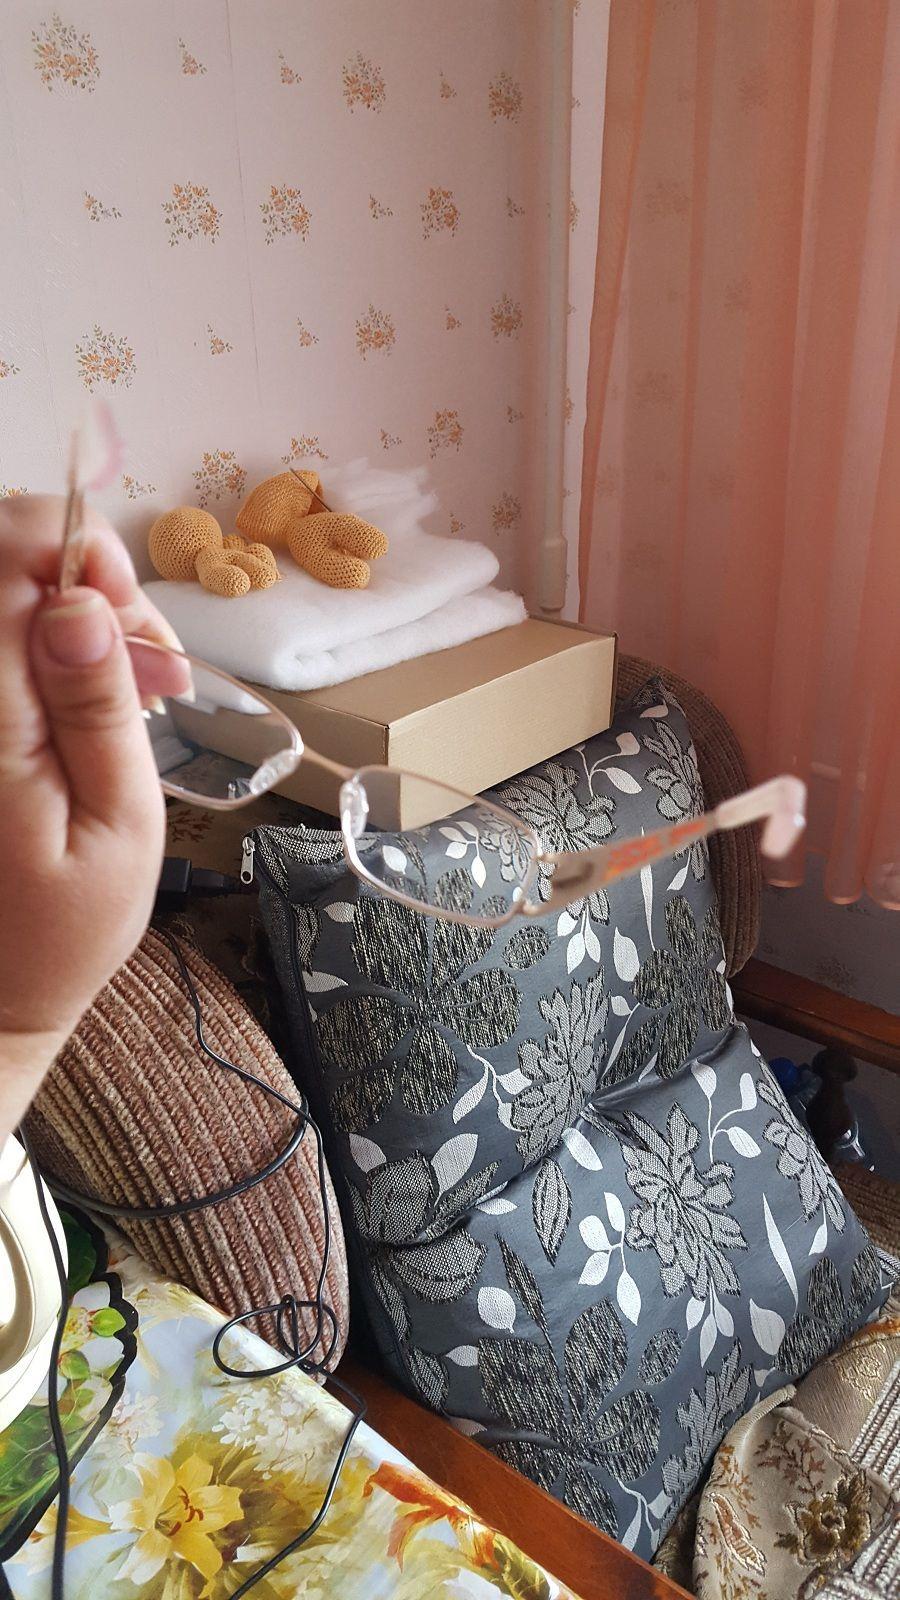 Как я провела свой день рождение, я покажу вам летний Калининград, фото 3